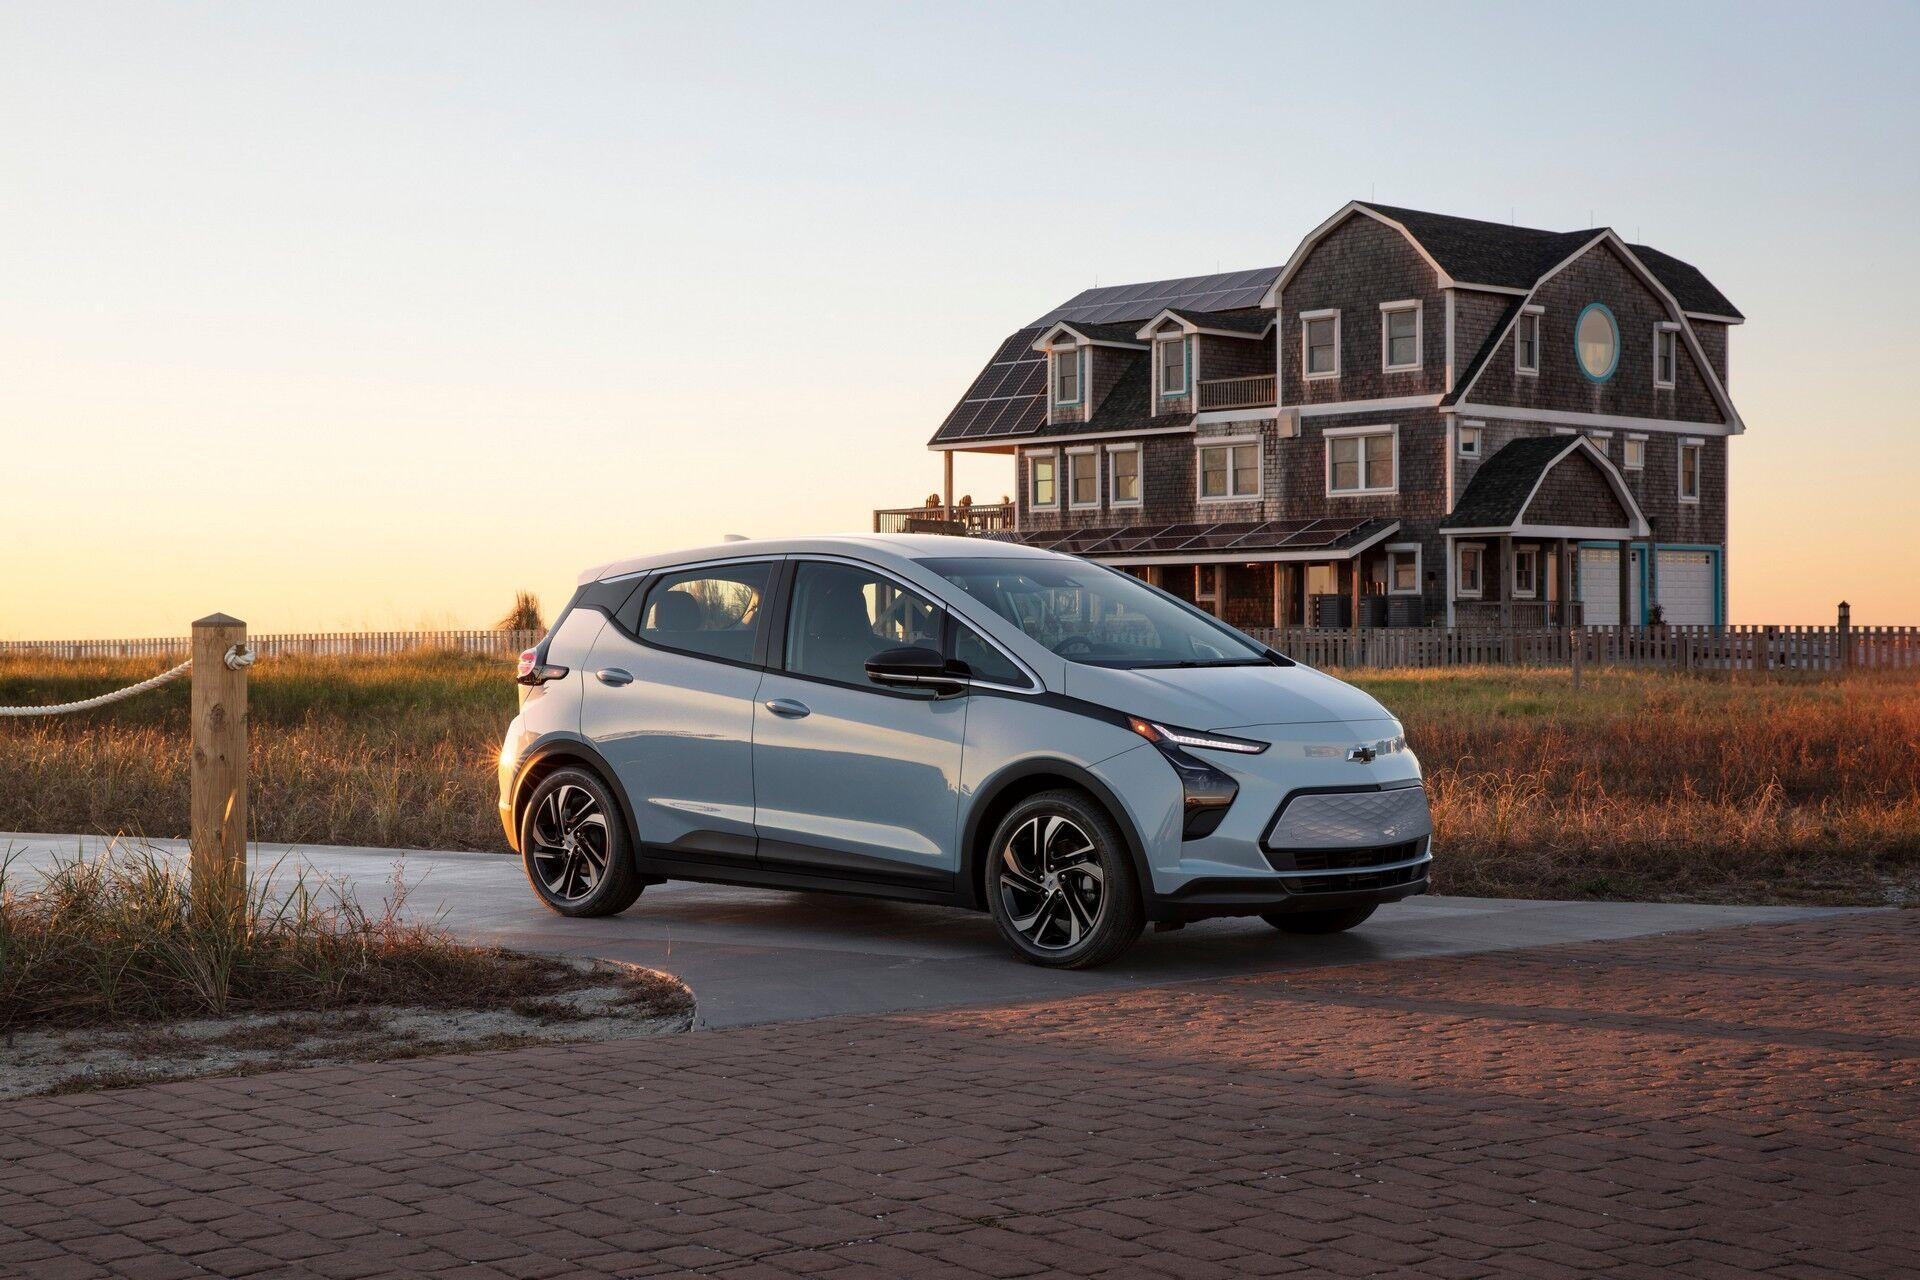 В компании Chevrolet намерены воспользоваться этим успешным продуктом и провели глубокую модернизацию новинки.